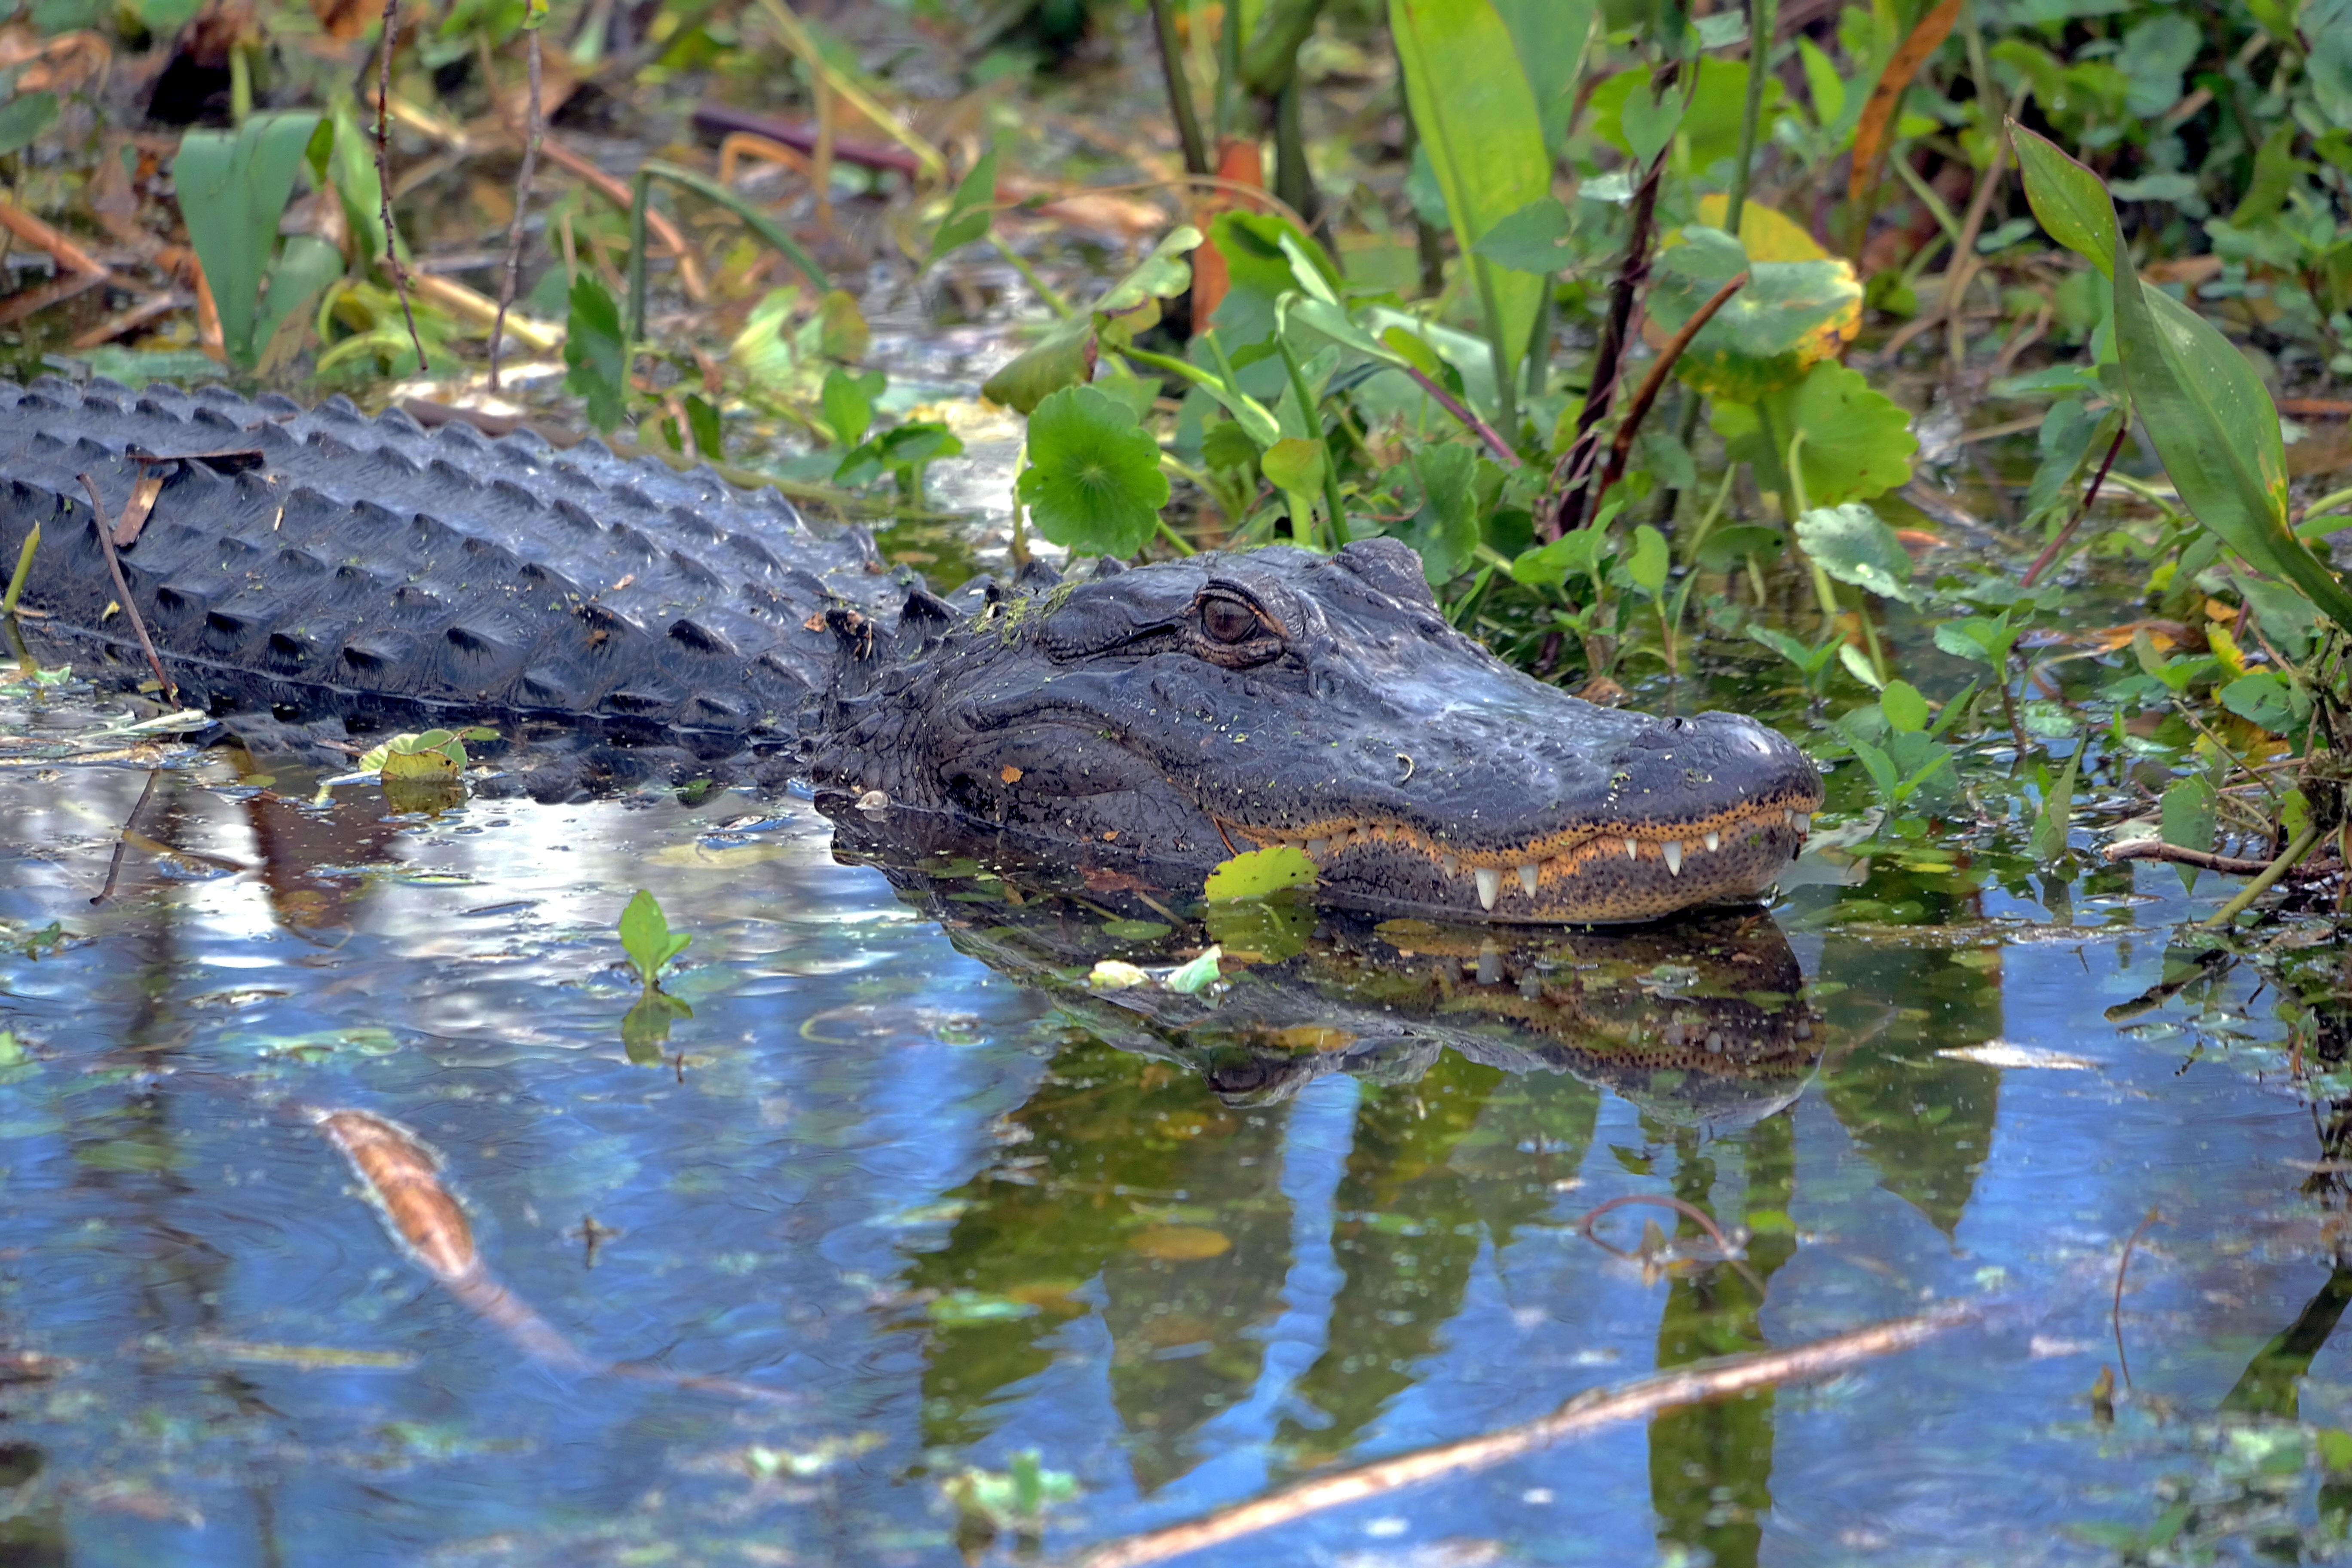 Fotos gratis pantano animal estanque fauna silvestre for Imagenes de estanques para ninos